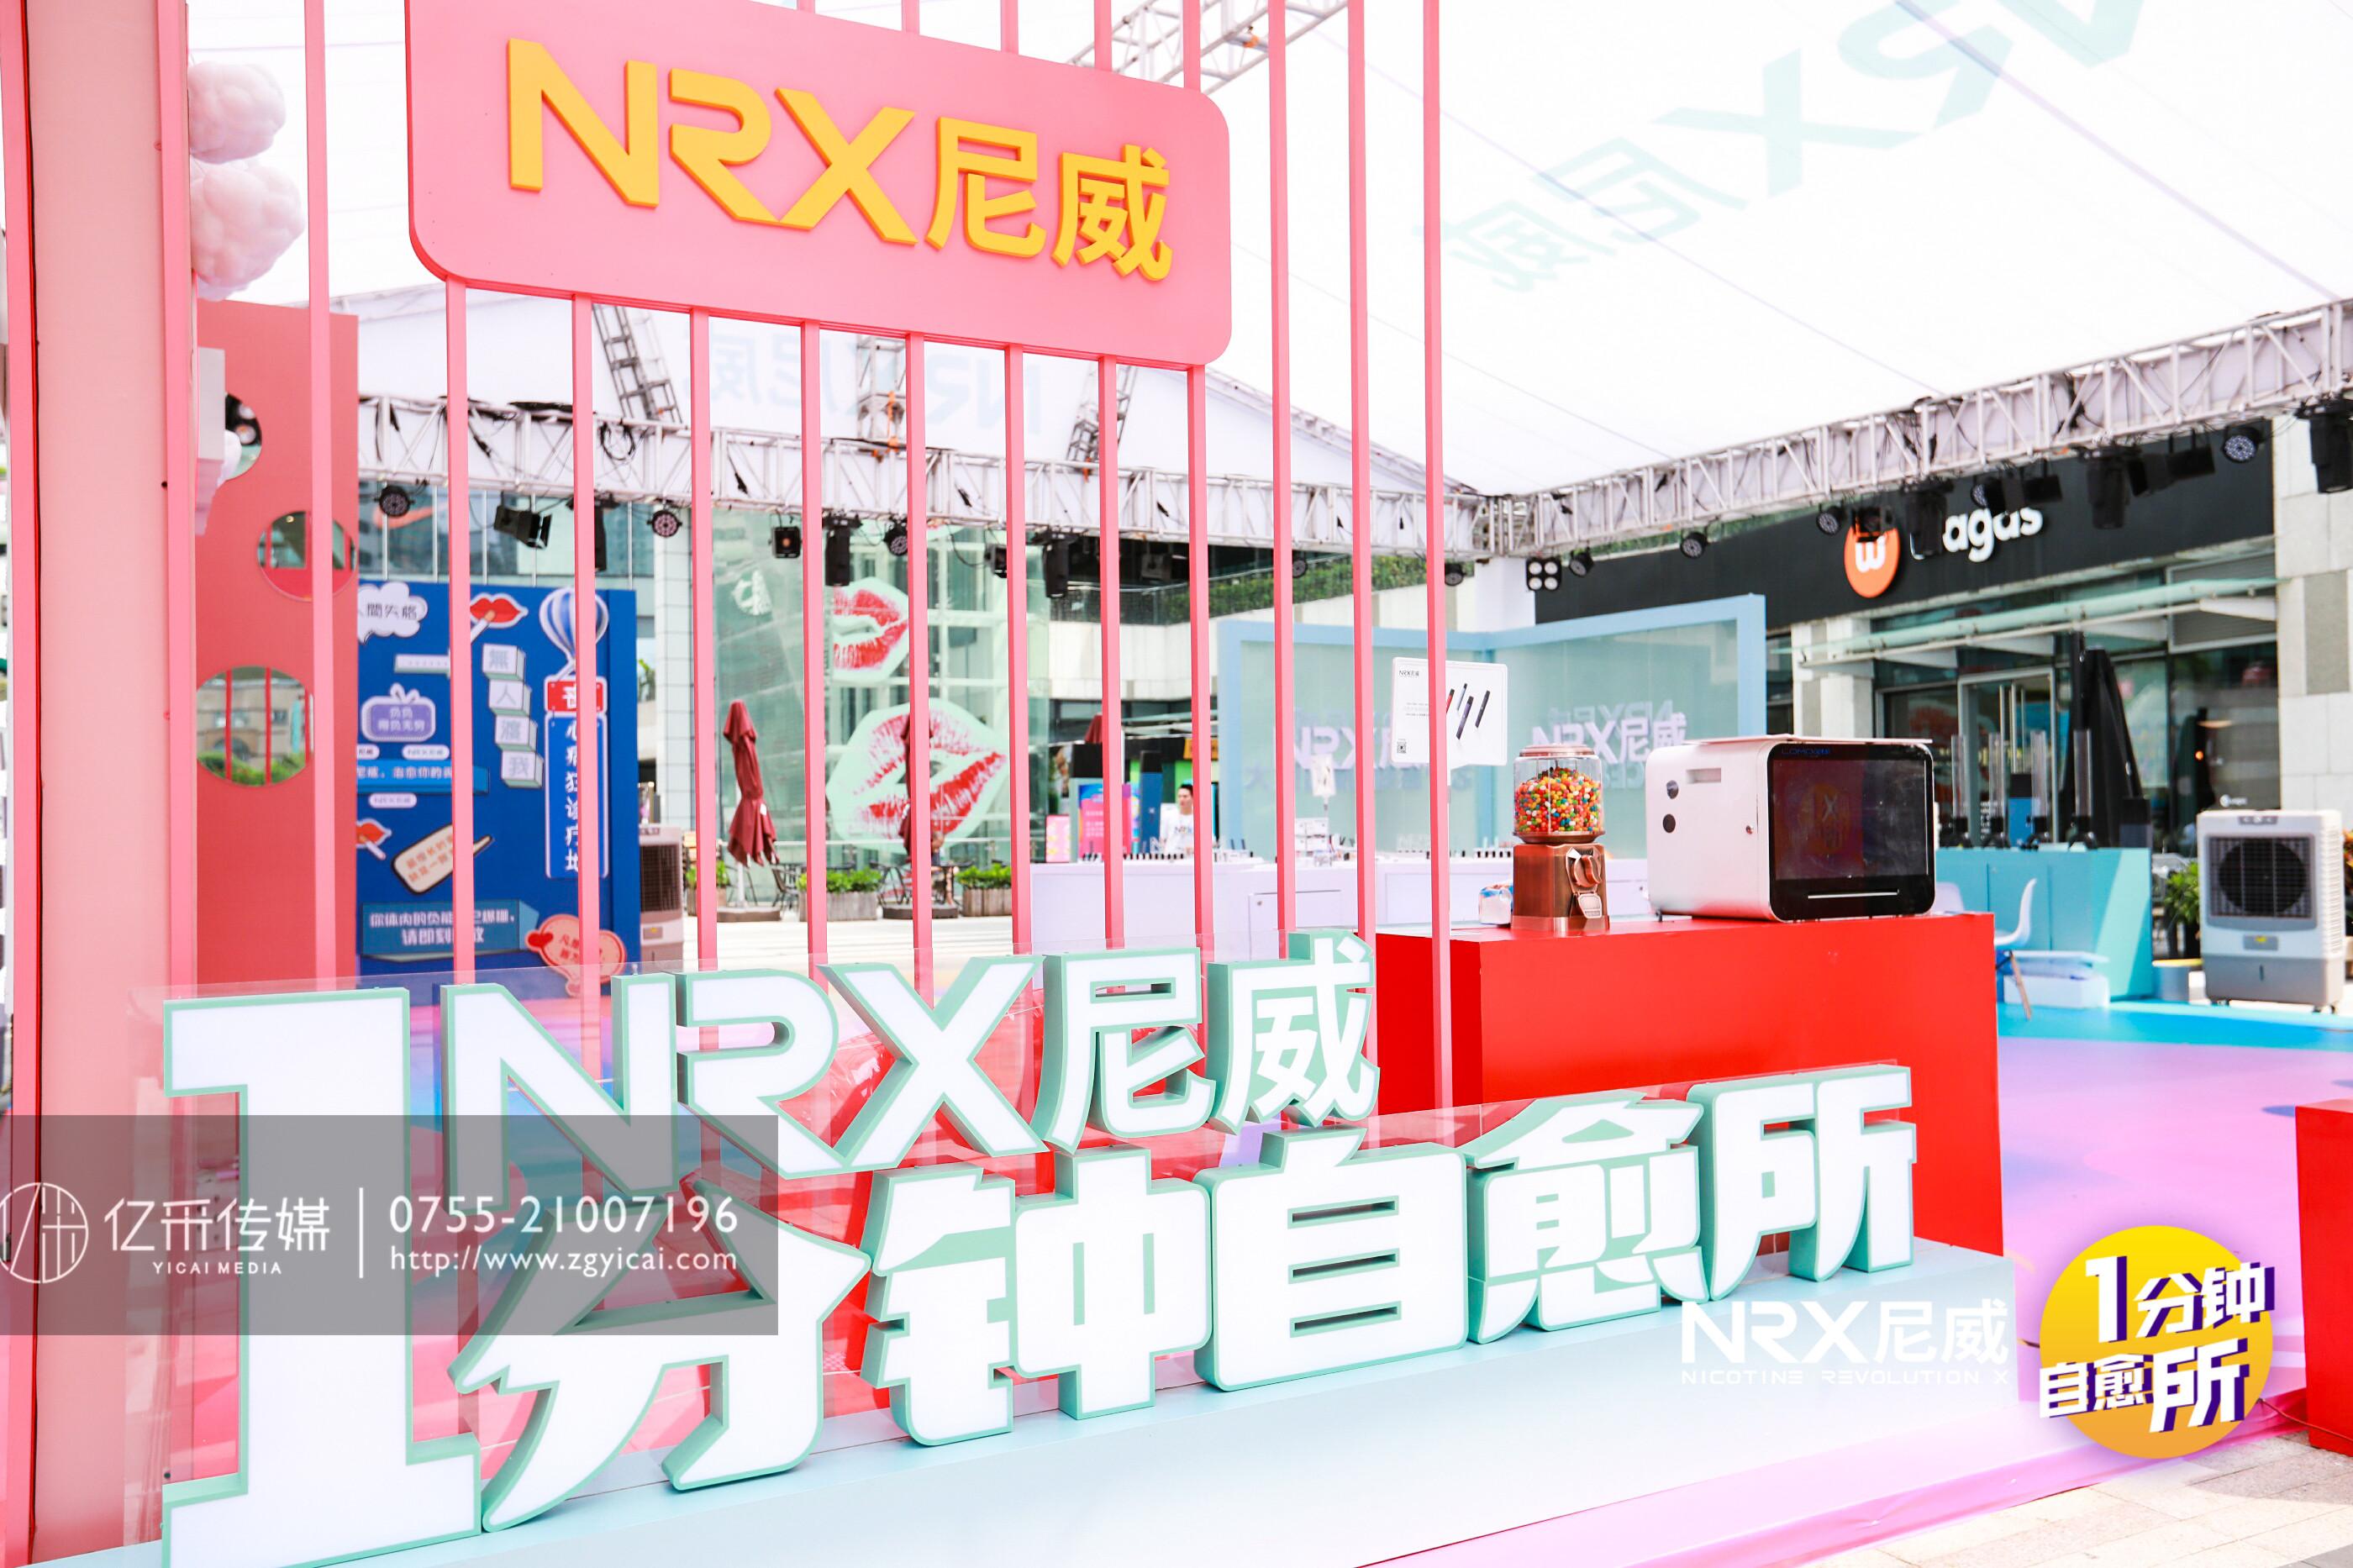 NRX尼威电子烟快闪亚搏体育官网登录